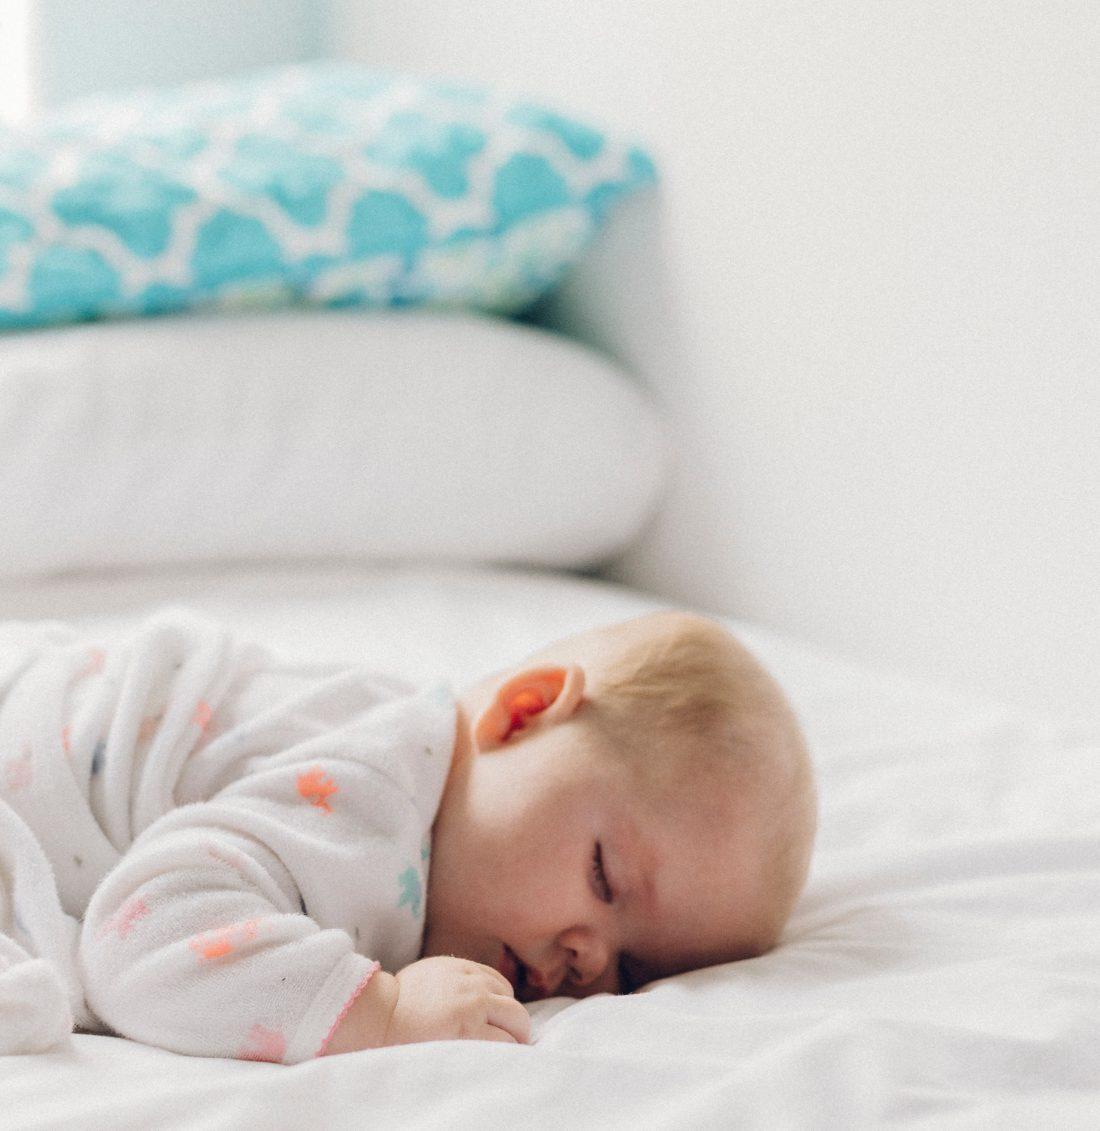 Bébé ne fait toujours pas ses nuits et vous vous épuisez peu à peu à essayer de le calmer. Pourtant dormir est un besoin physiologique important pour que bébé puisse se développer.